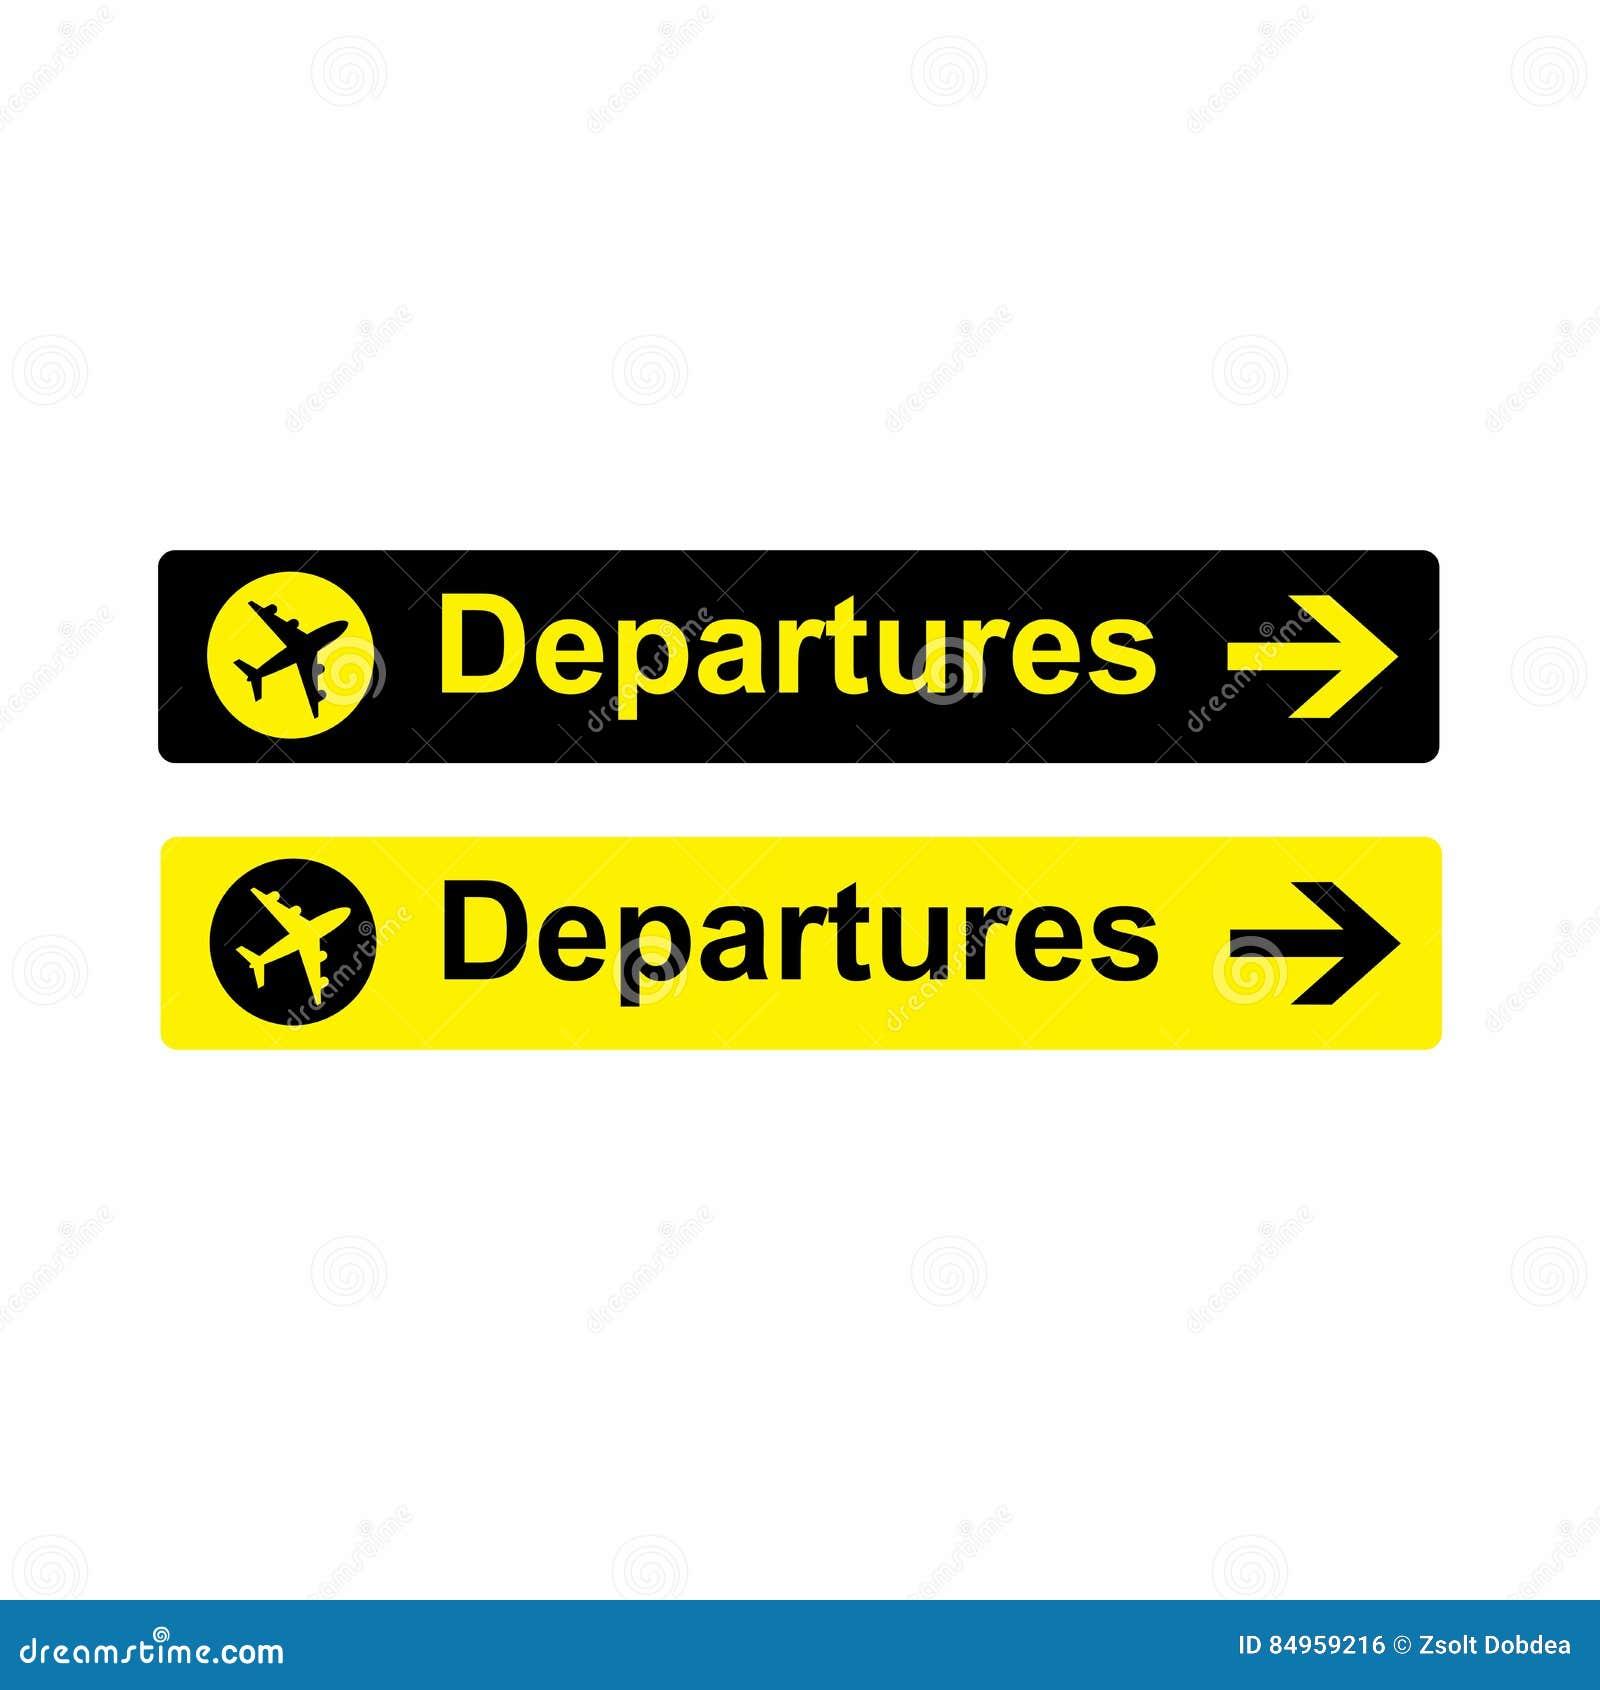 Aeroporto Zurigo Partenze : Progettazione di vettore del segno di partenze dell aeroporto